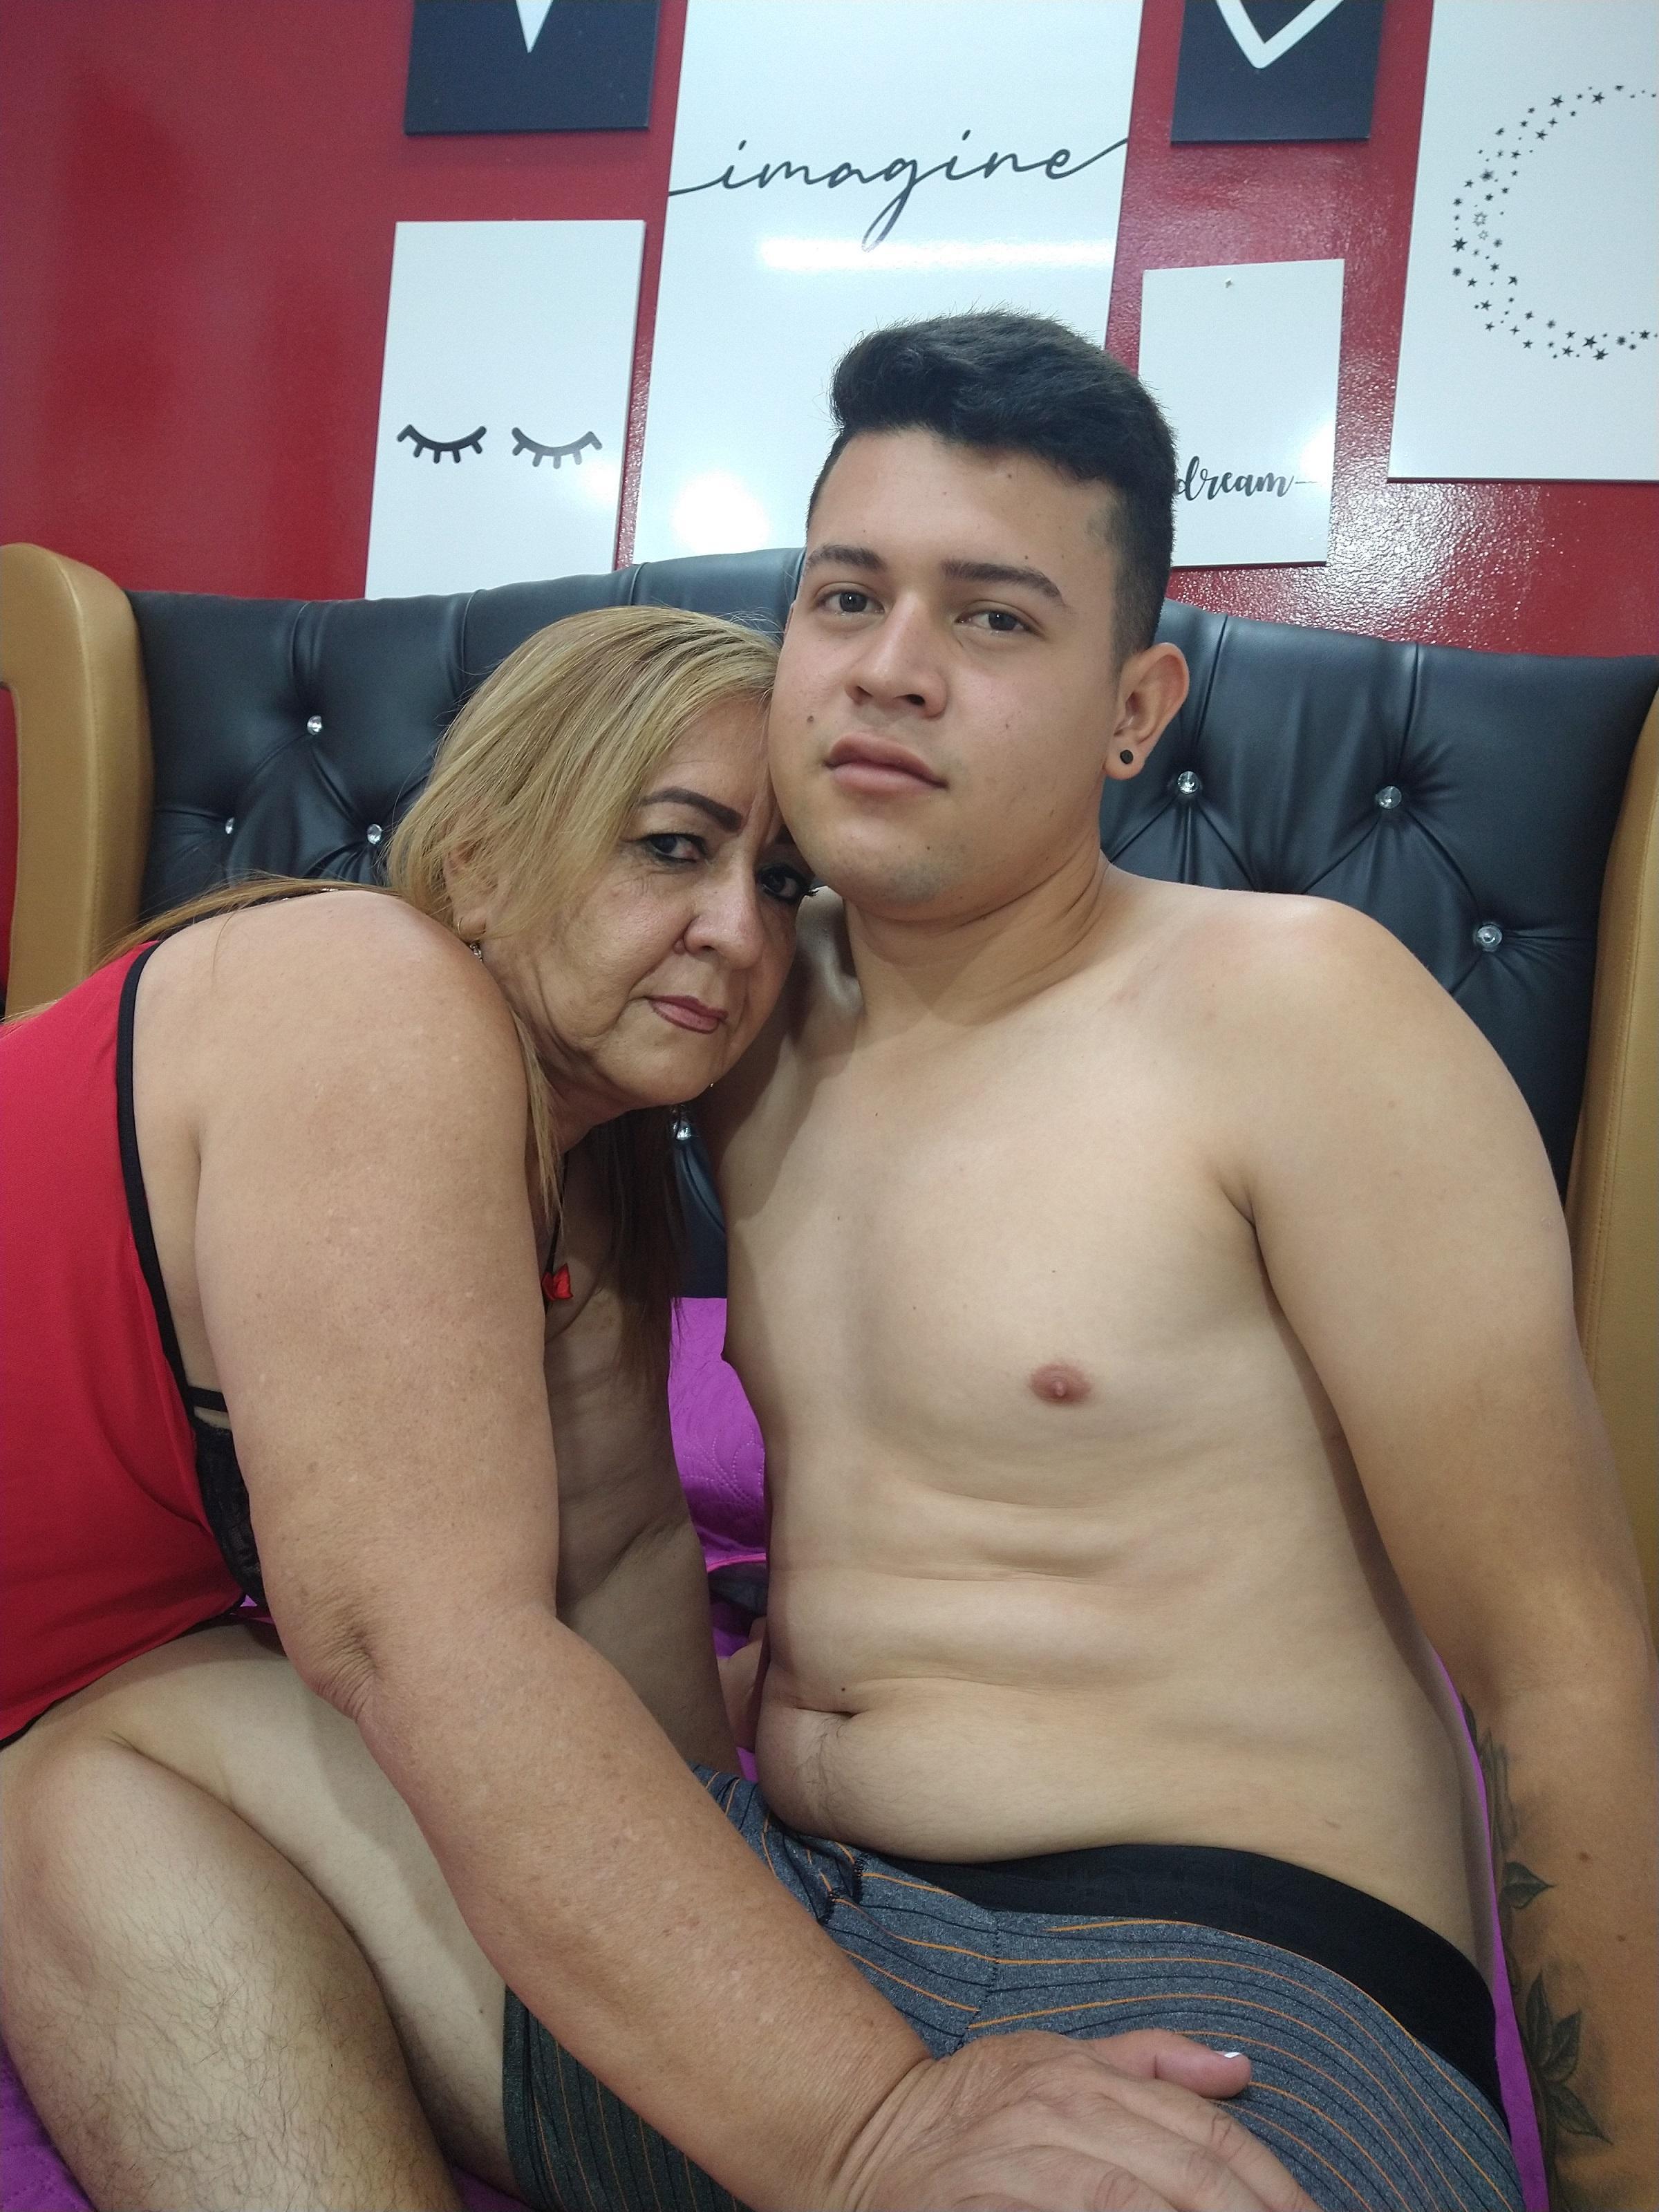 Little and mom?s=vxg9ha6njs9dmux16bpix9rzzvktxcjkcb2t583fdmo=